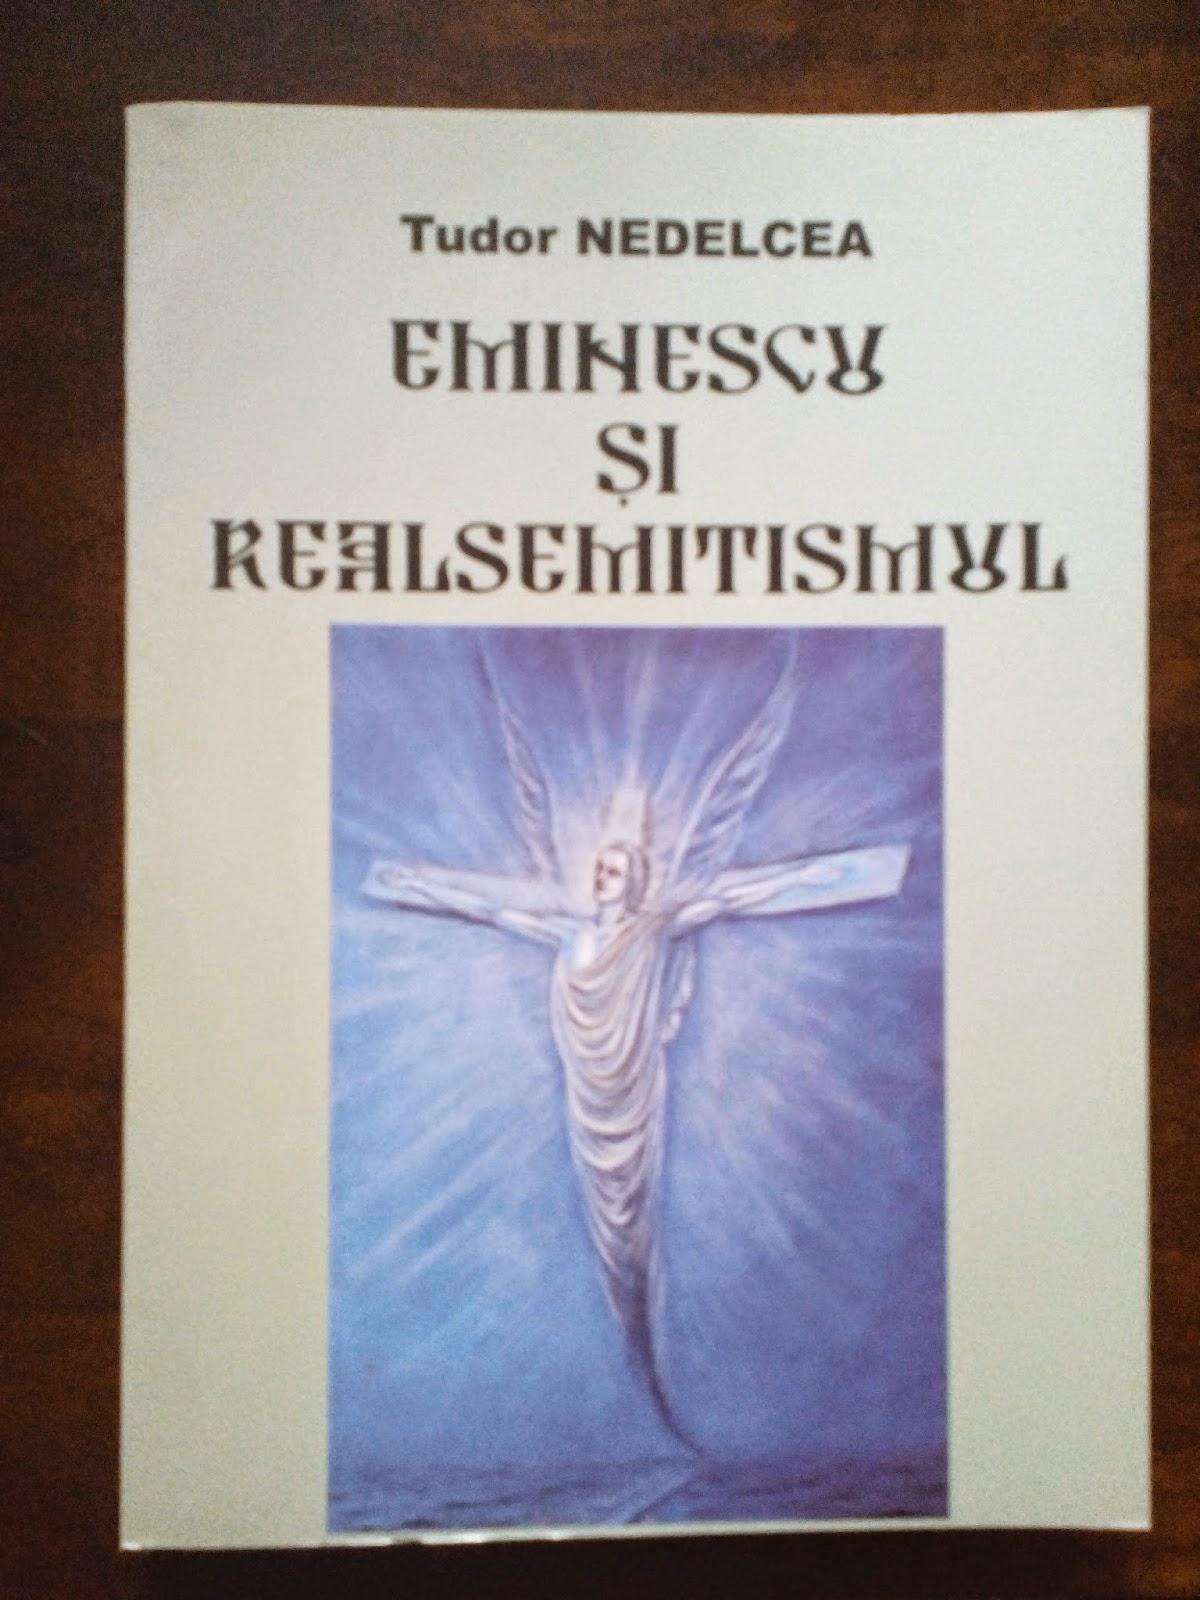 Tudor Nedelcea - Eminescu si realsemitismul